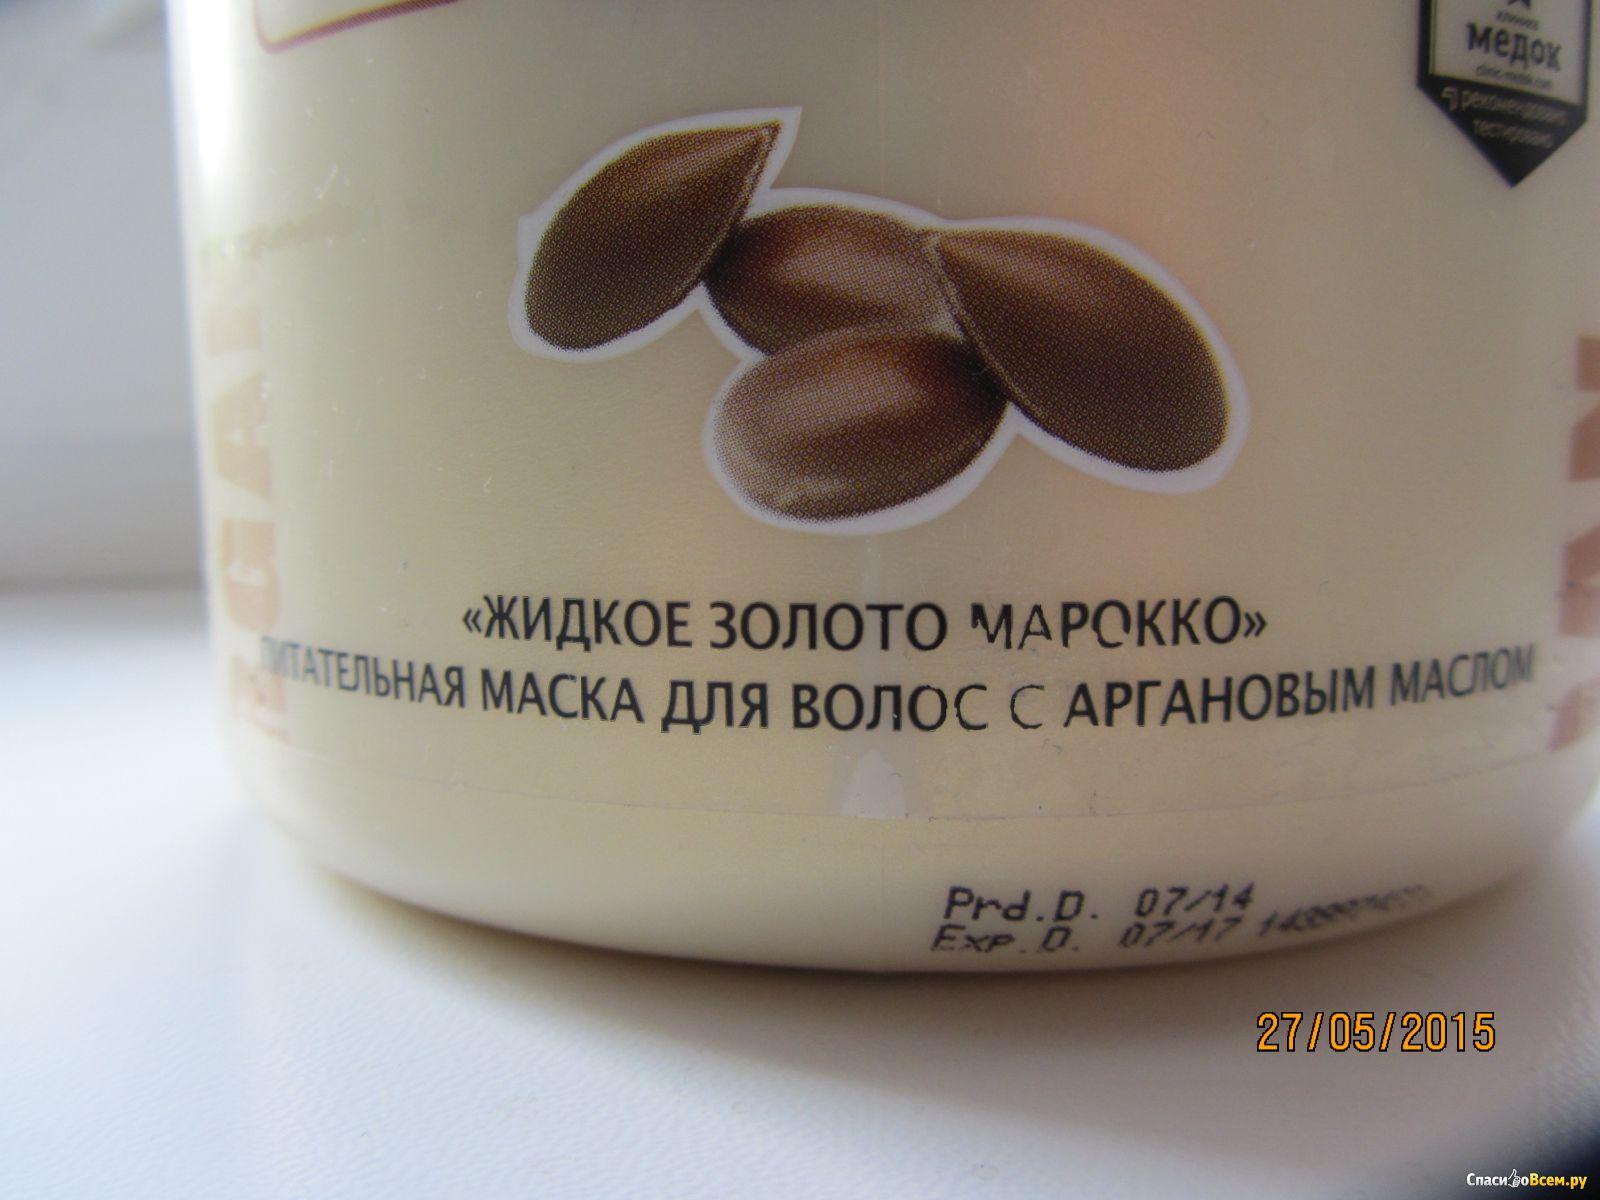 Золото марокко масло для волос